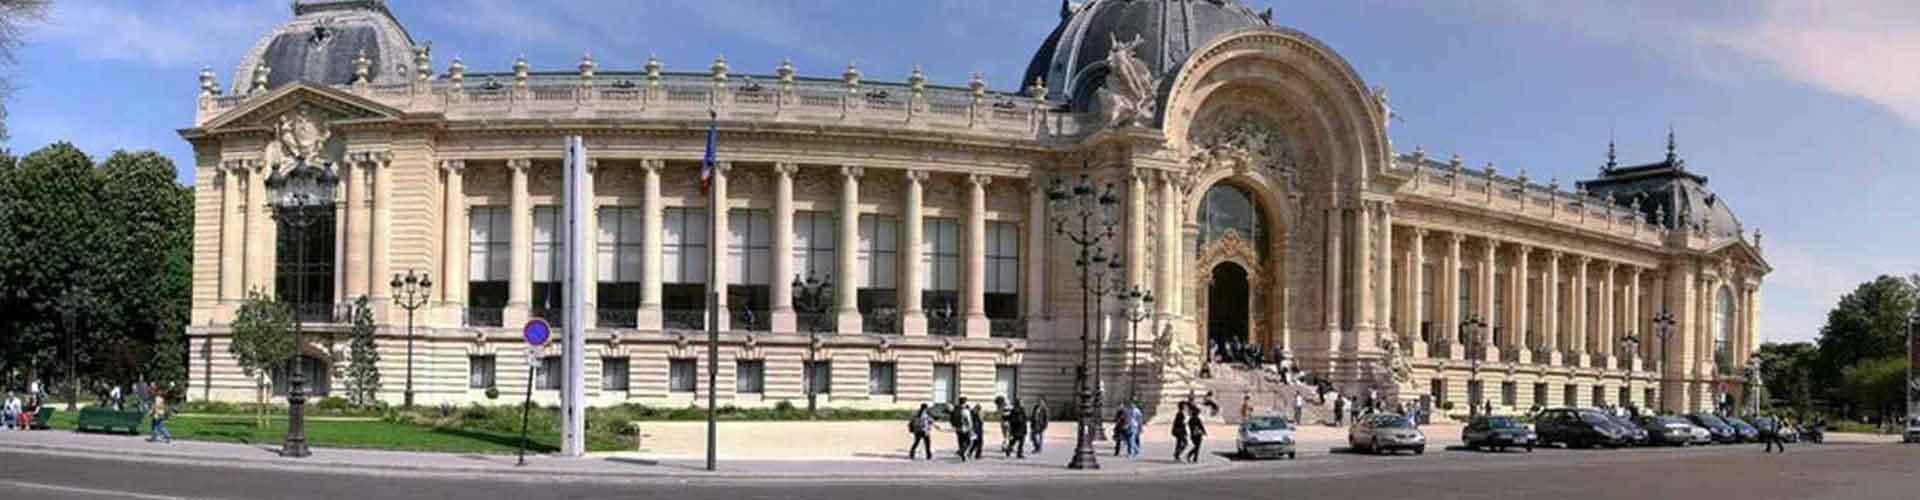 Pariisi – Hostellit lähellä Petit Palais. Pariisi -karttoja, valokuvia ja arvosteluja kaikista Pariisi -hostelleista.